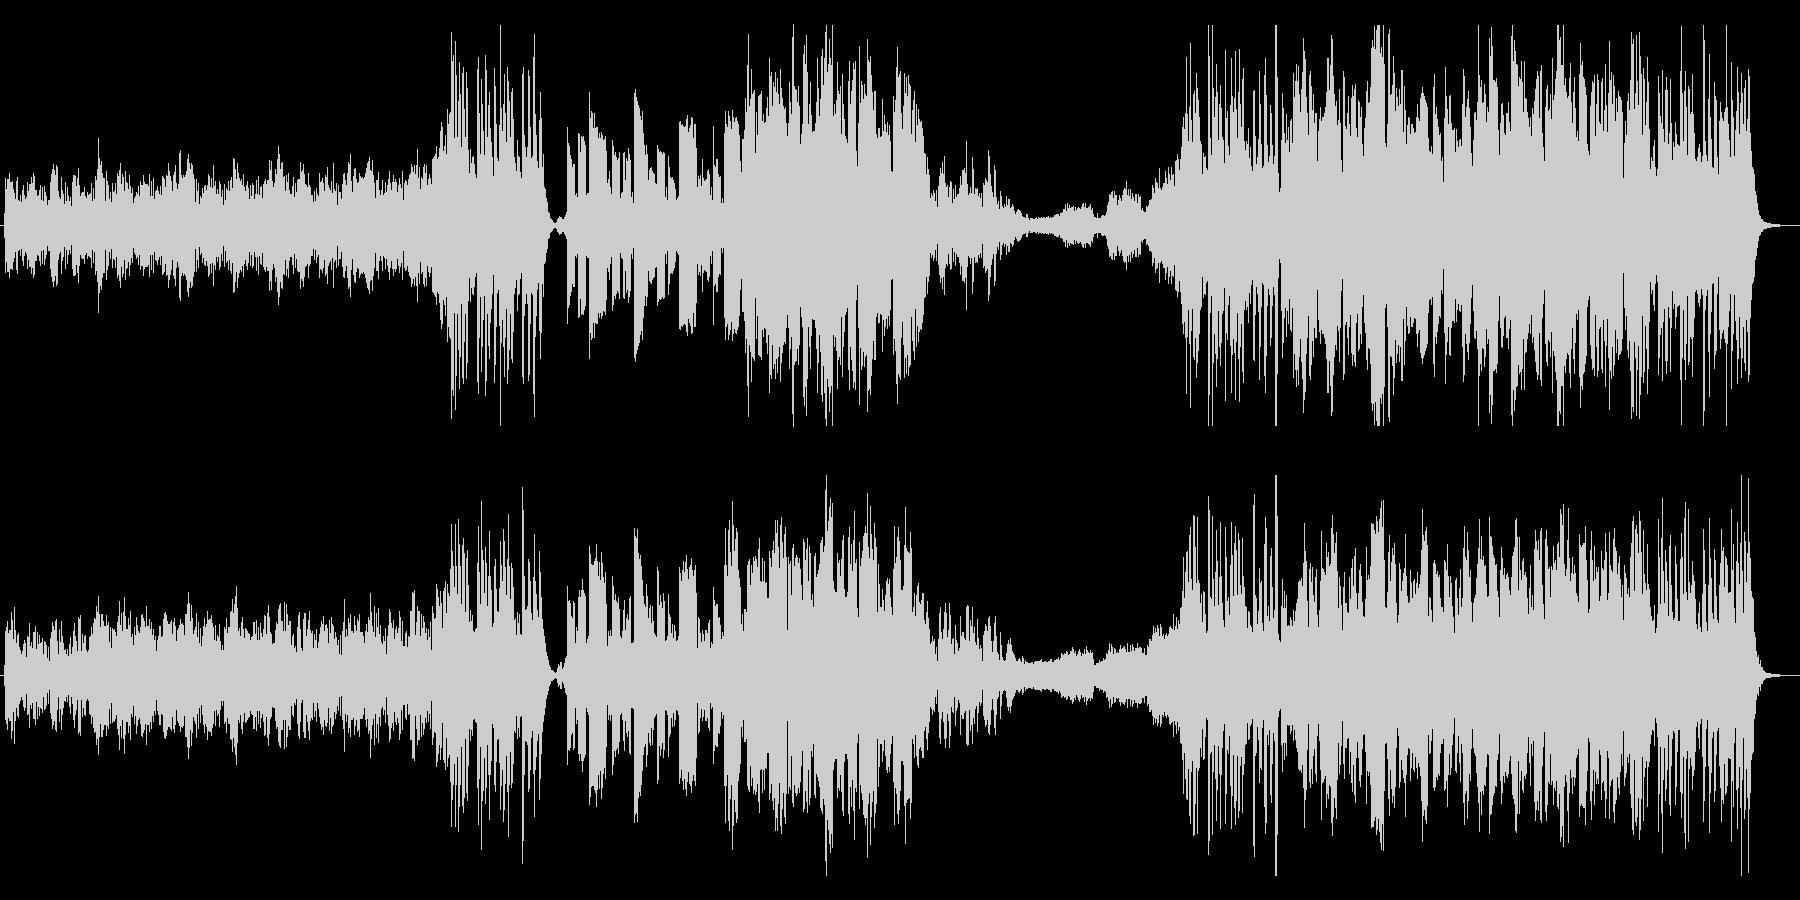 和楽器を取り入れたエピック風な曲の未再生の波形